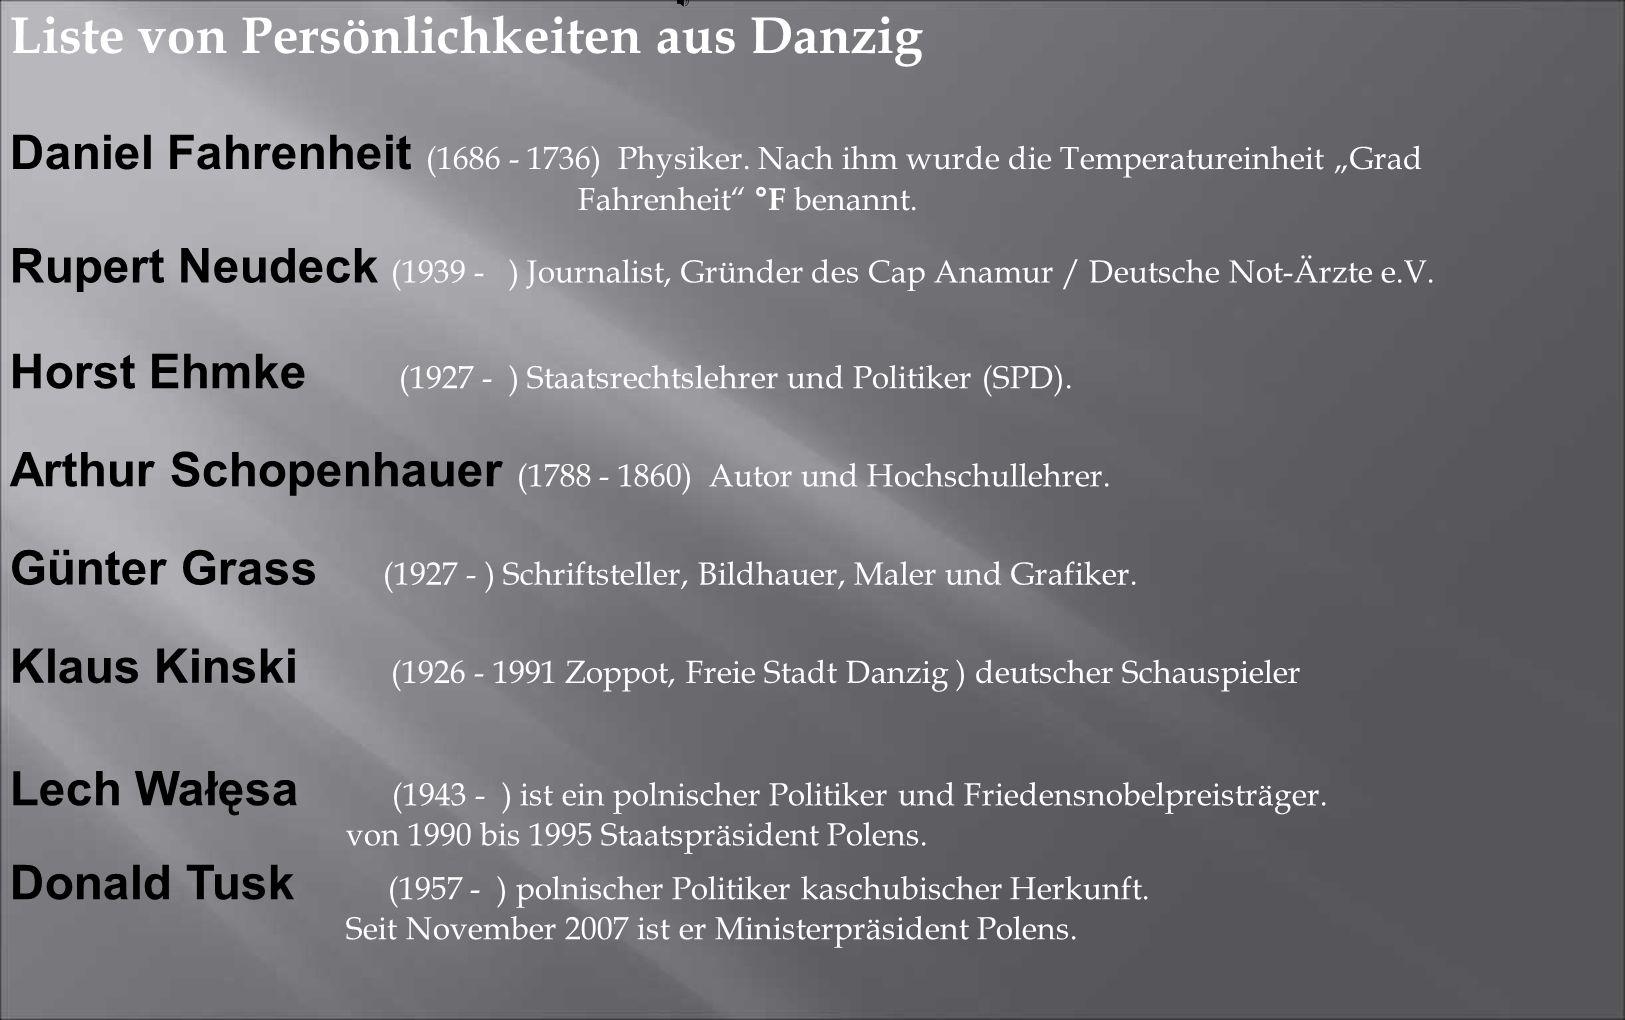 Liste von Persönlichkeiten aus Danzig